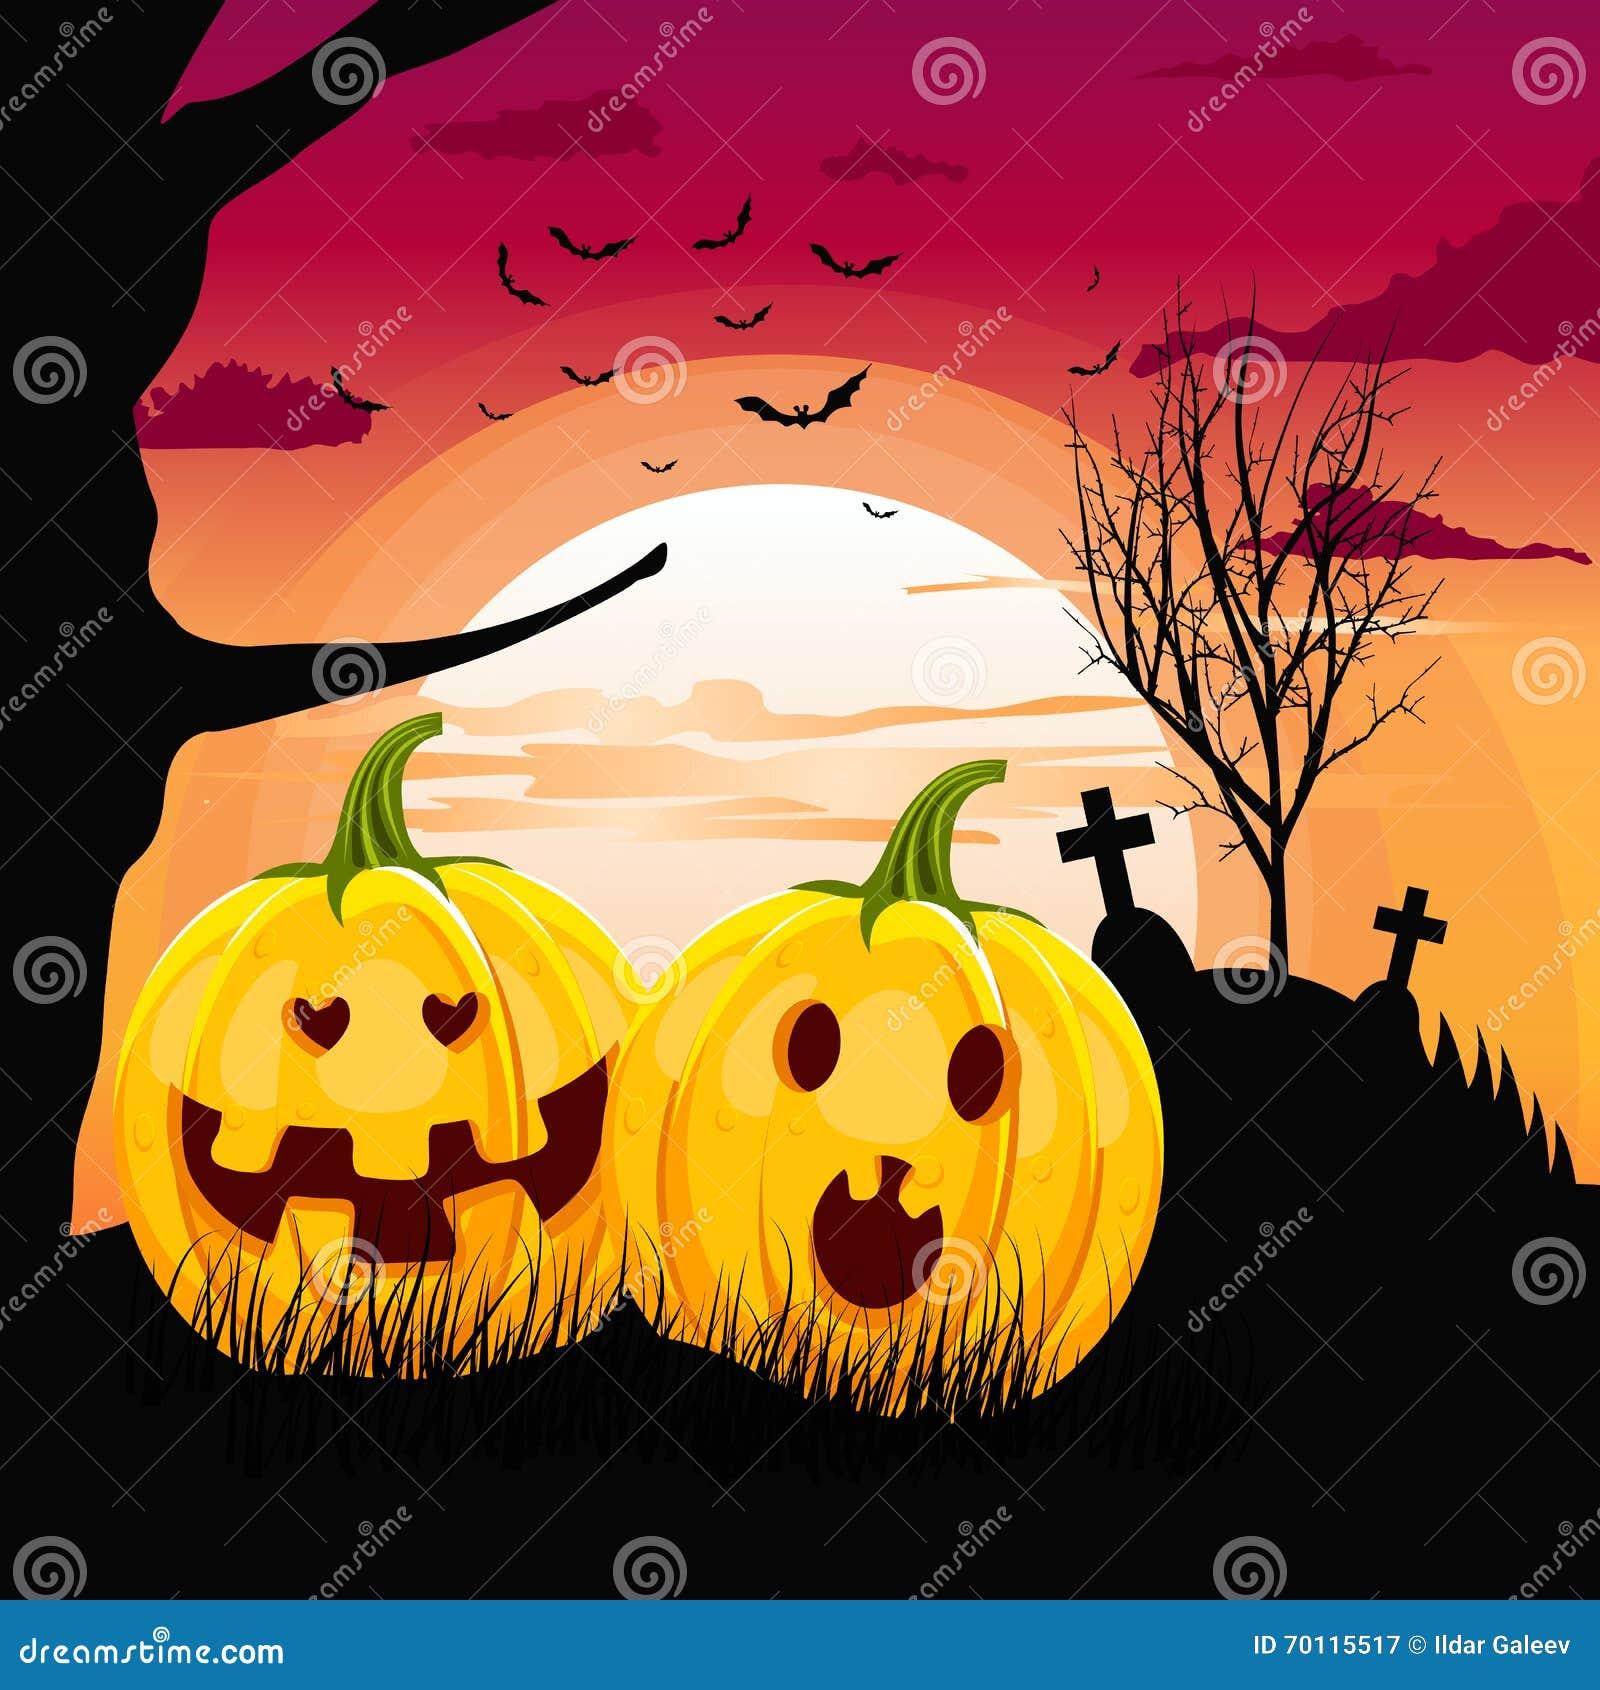 two pumpkins in romantic full moon halloween night date stock vector